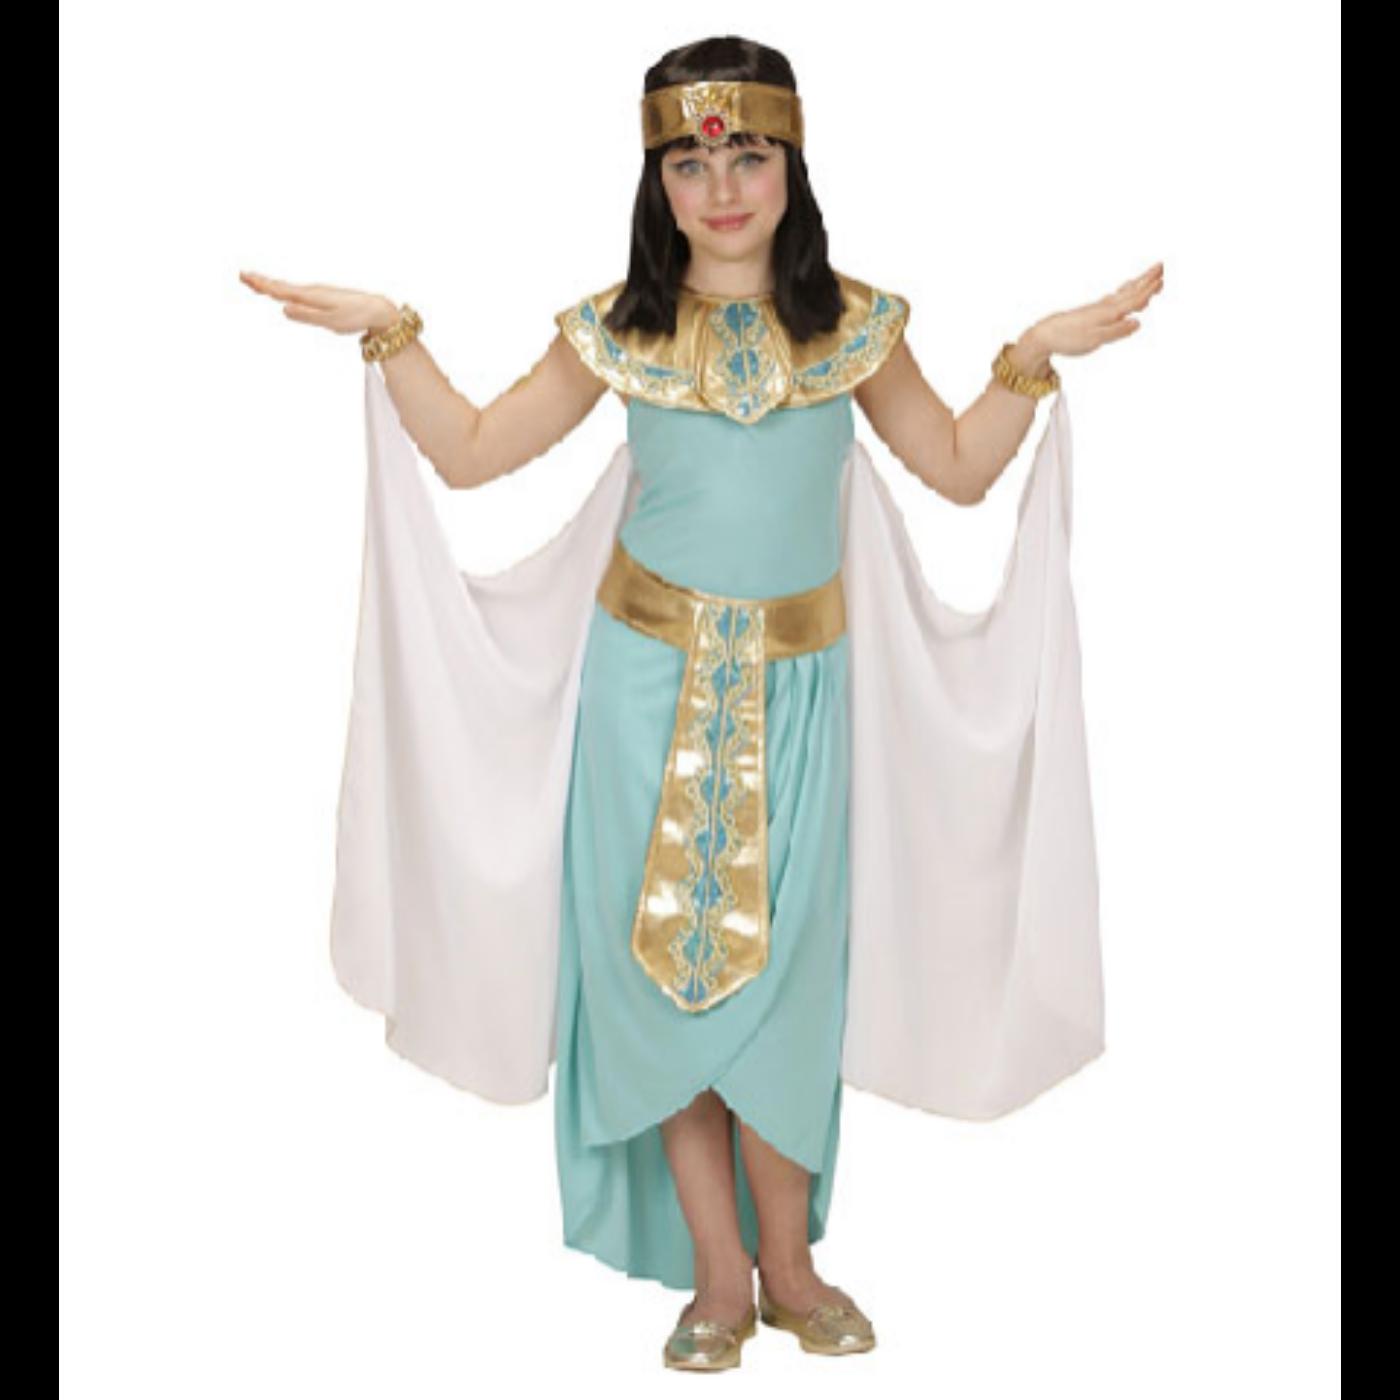 Egyiptomi hercegnő jelmez 116-os